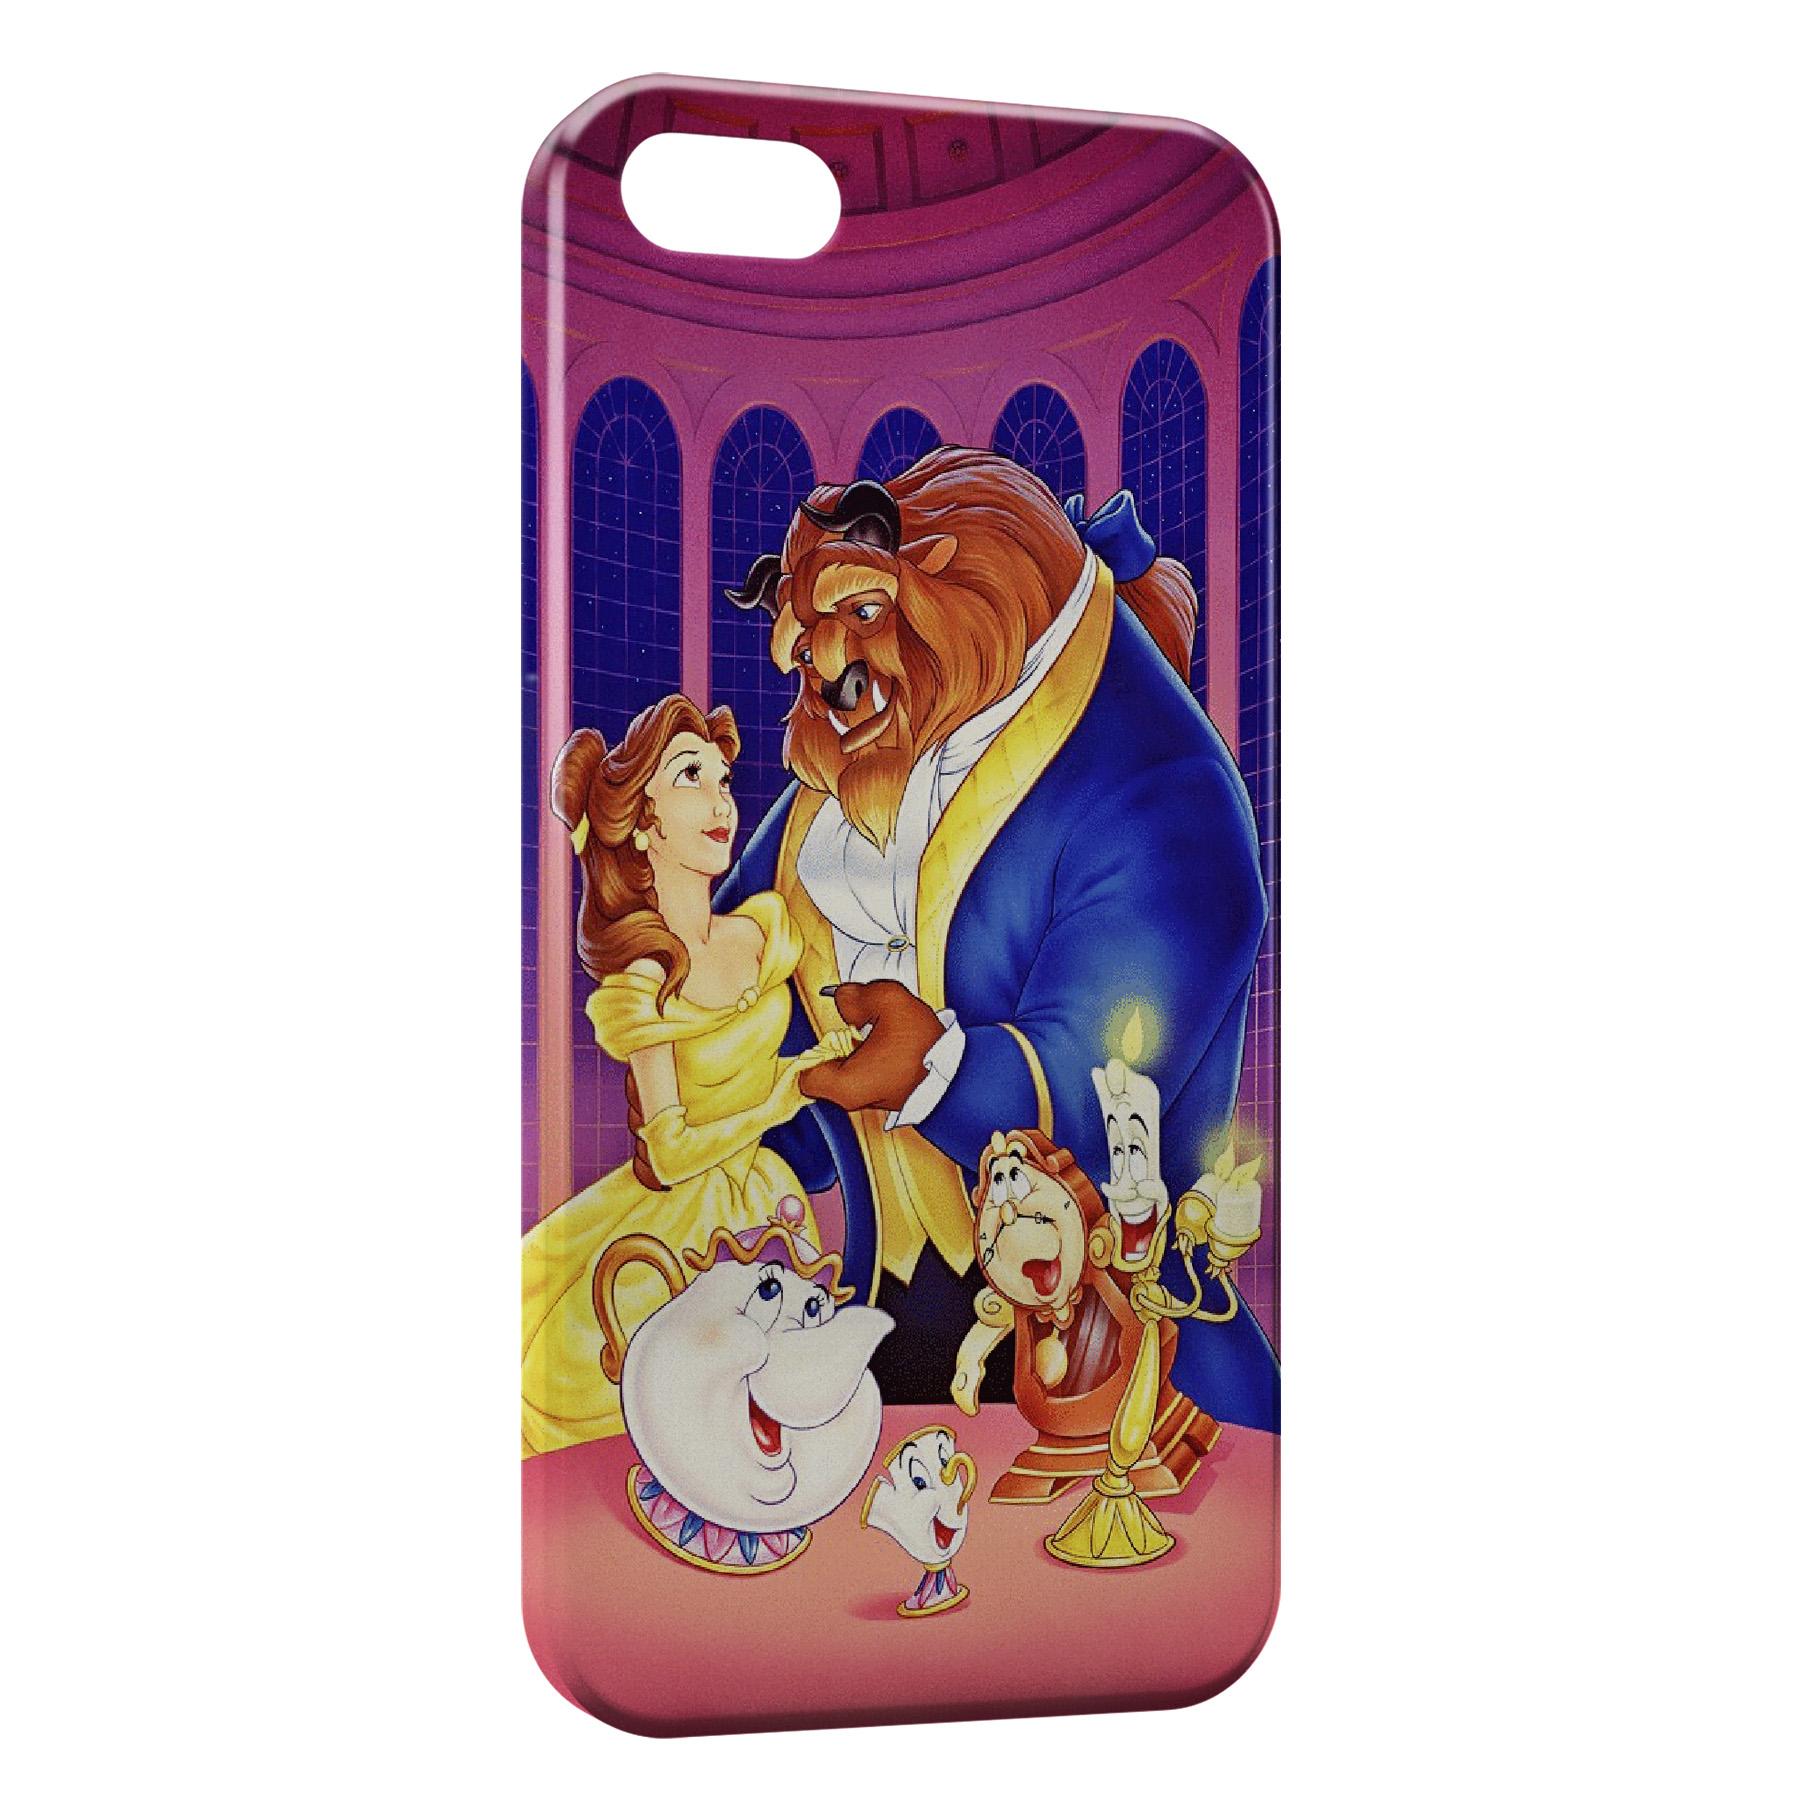 Coque iPhone 4 & 4S La Belle et La Bete 3